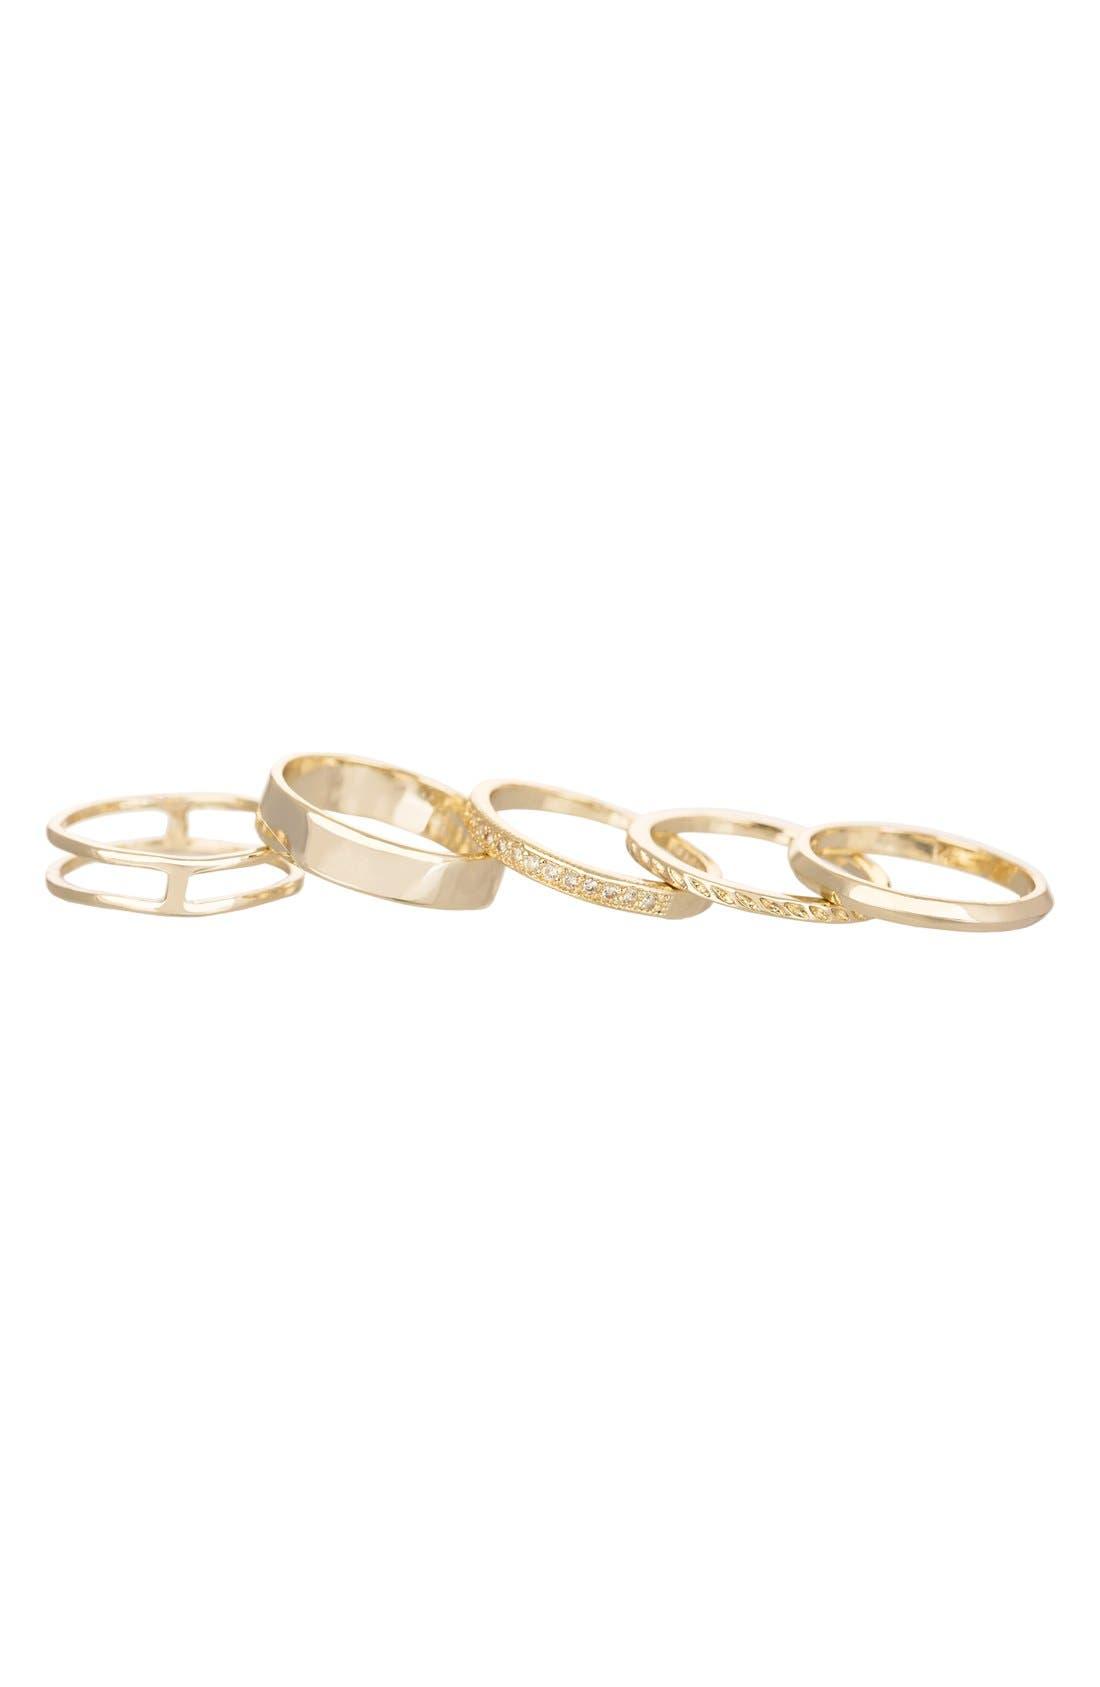 Alternate Image 1 Selected - Kendra Scott 'Kara' Stackable Midi Rings (Set of 5)